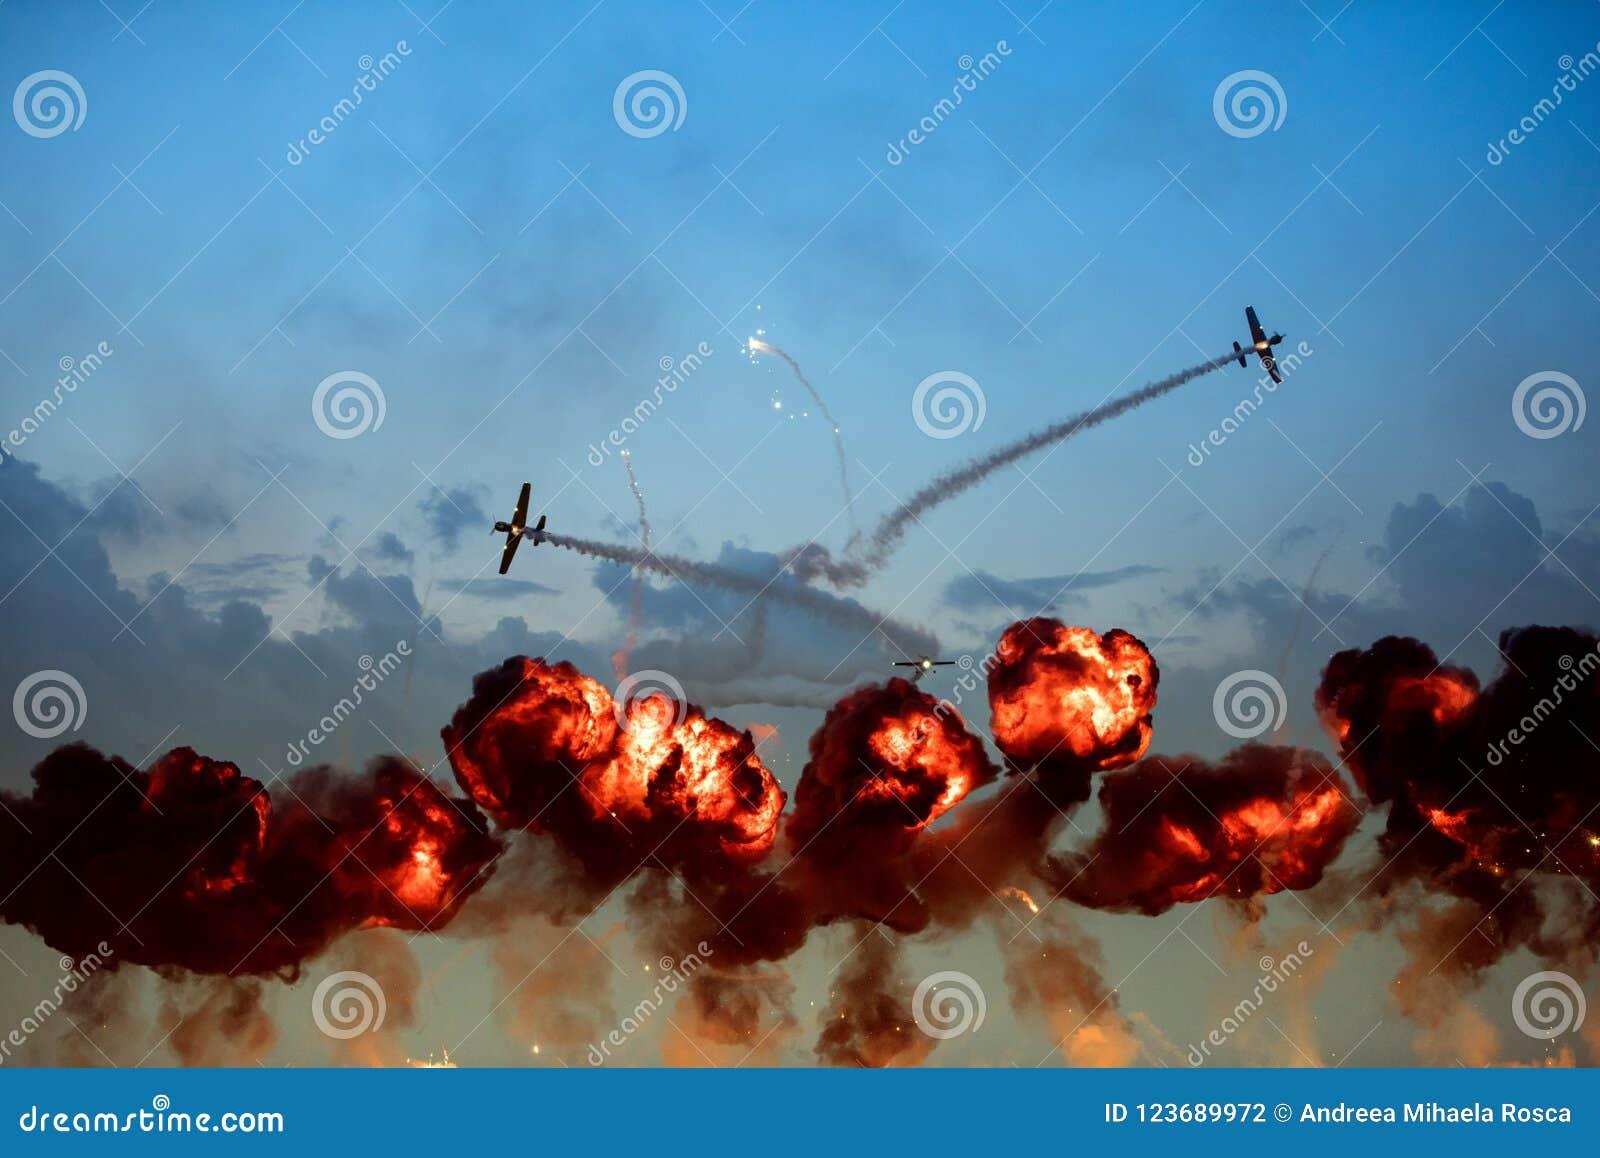 Les avions faisant des tours pendant les flammes explosives puissantes montent